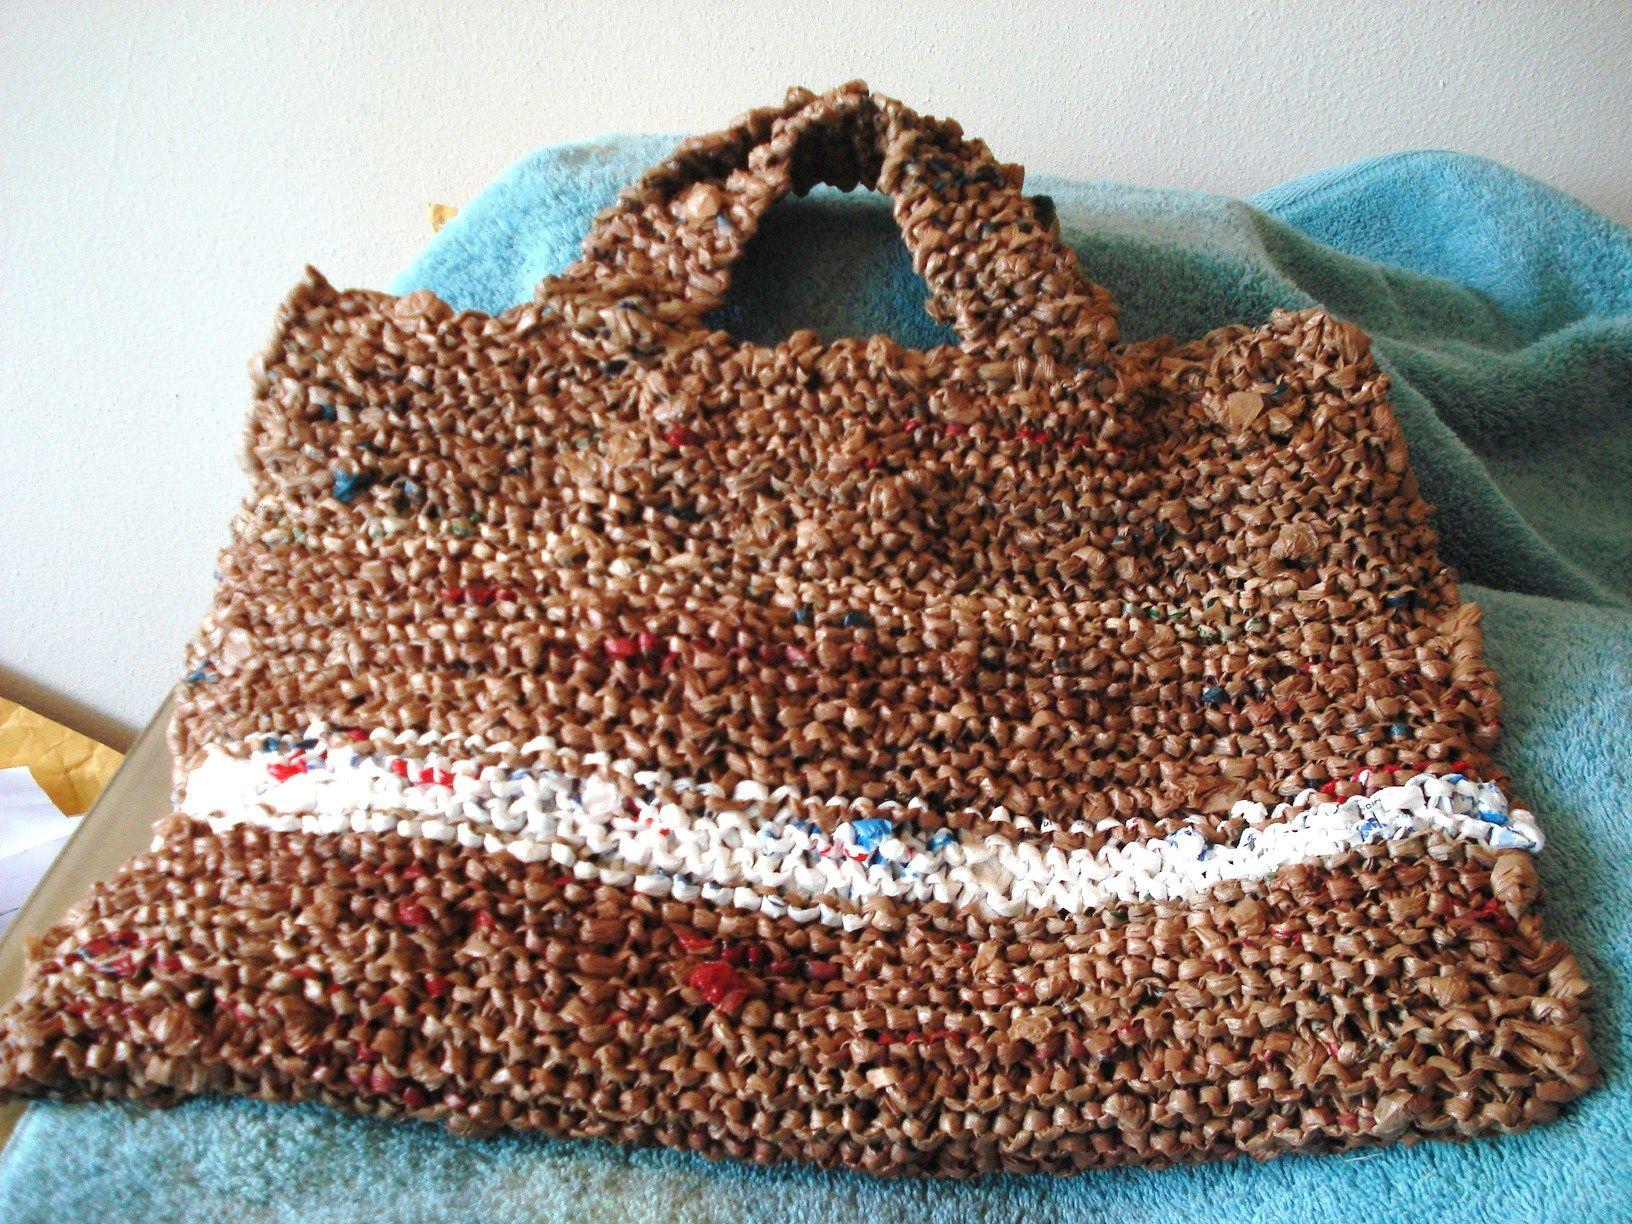 A Plarm bag I made out plastic bags.